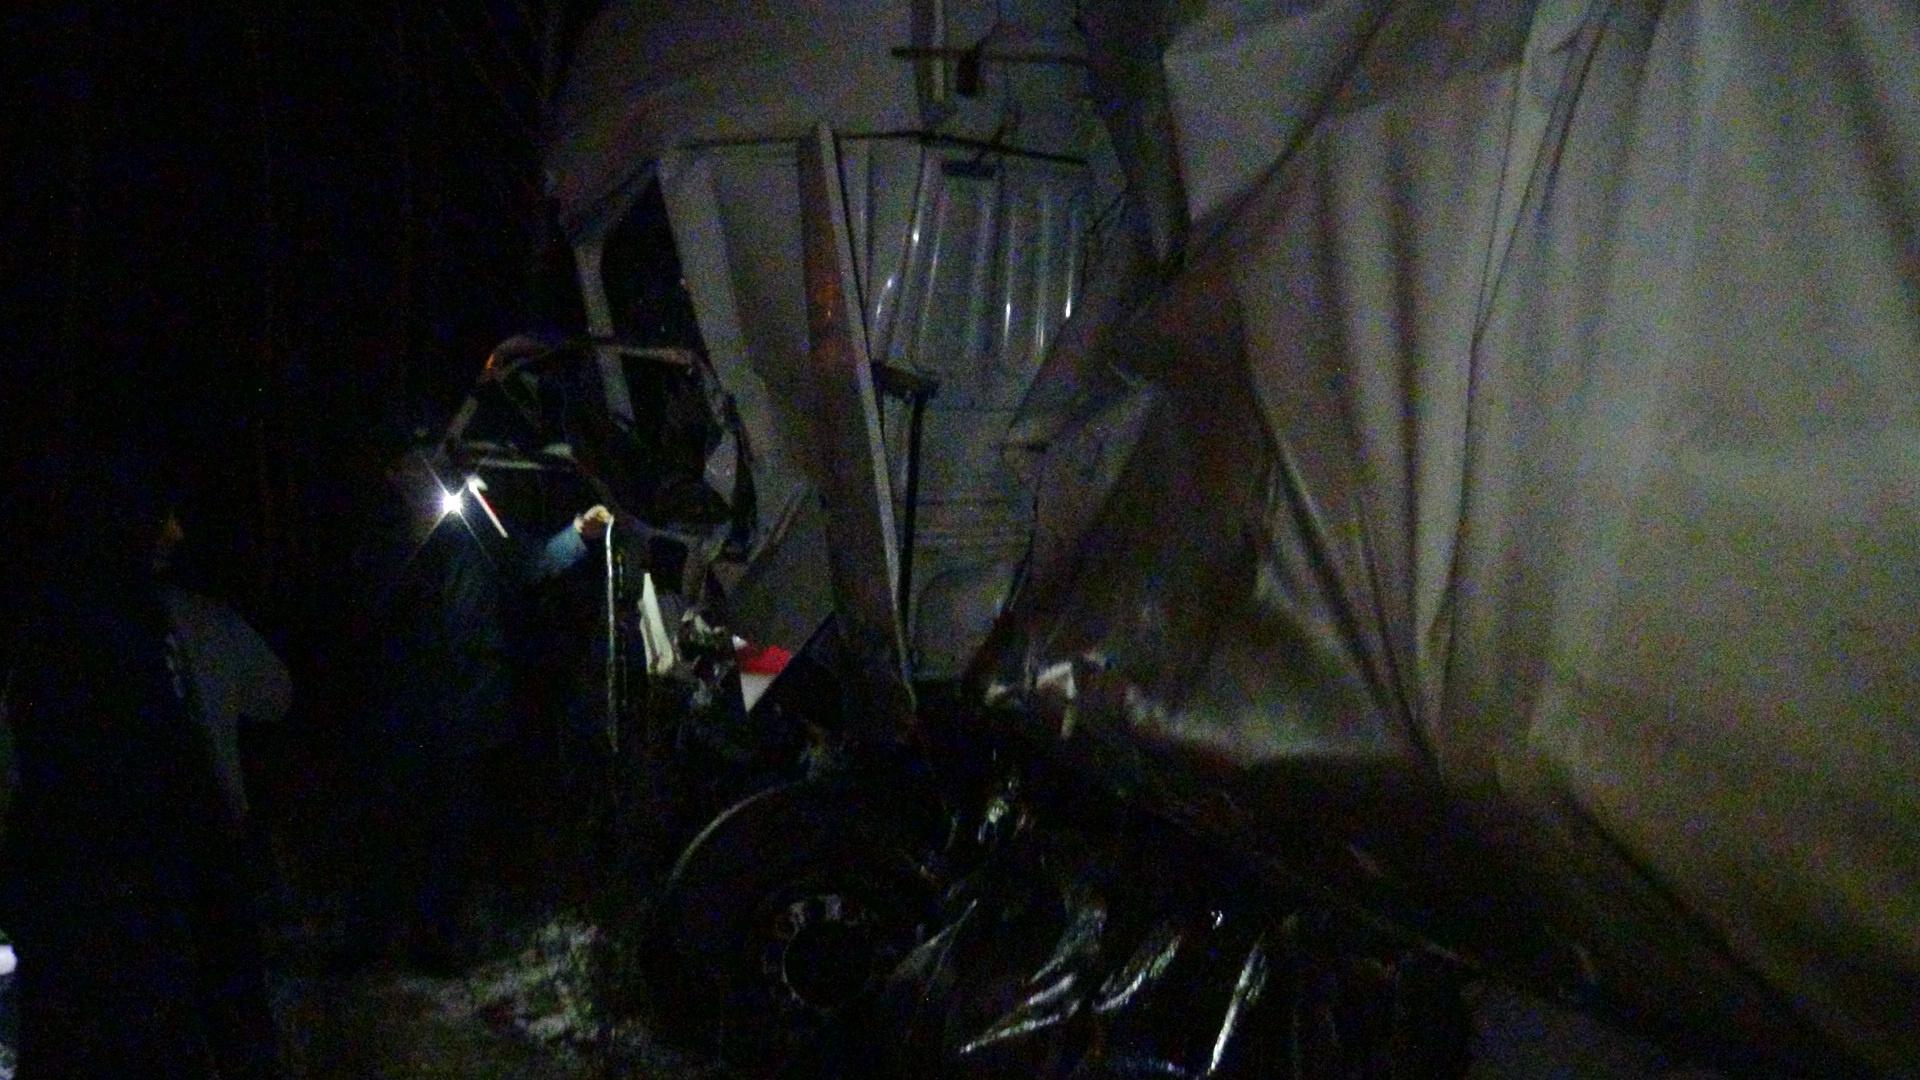 Двое водителей с тяжелыми травмами в больнице